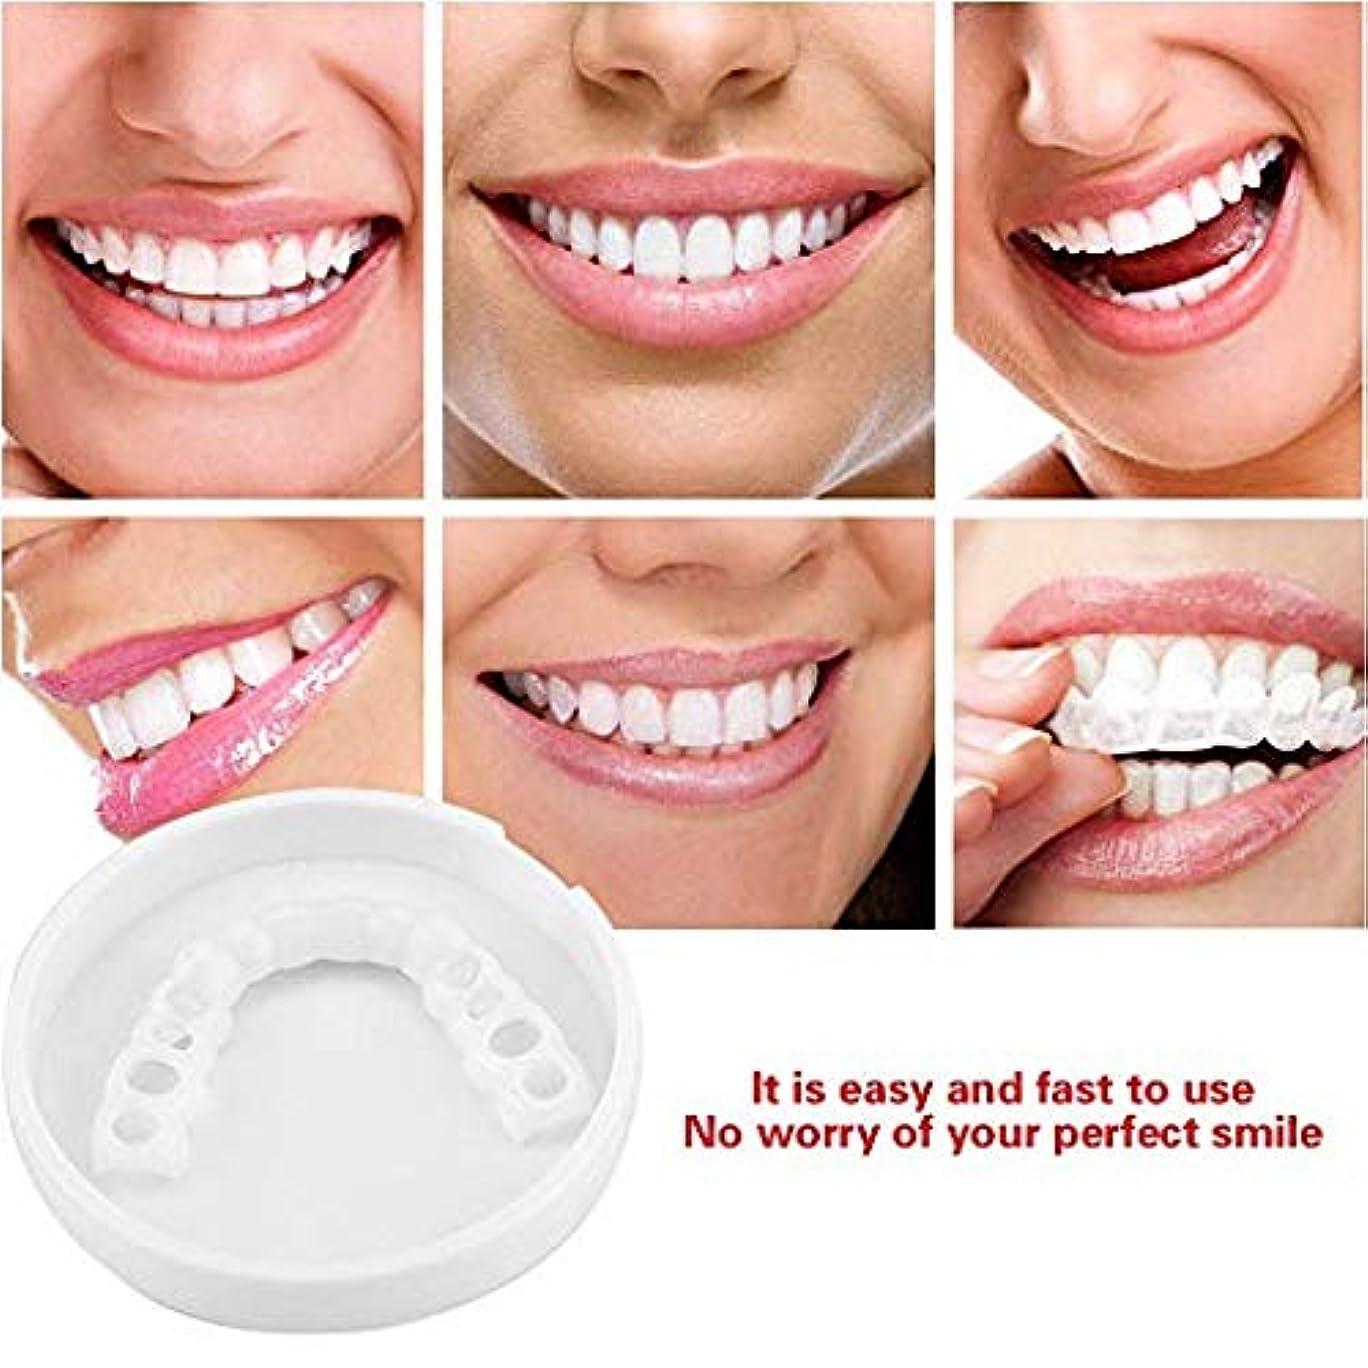 悲観主義者突撃注目すべき16セットのコスメティックデンタルマッサージ、笑顔、笑顔、快適、すべてのメイクアップ歯に最適、最も快適な義歯ケア用のワンサイズ